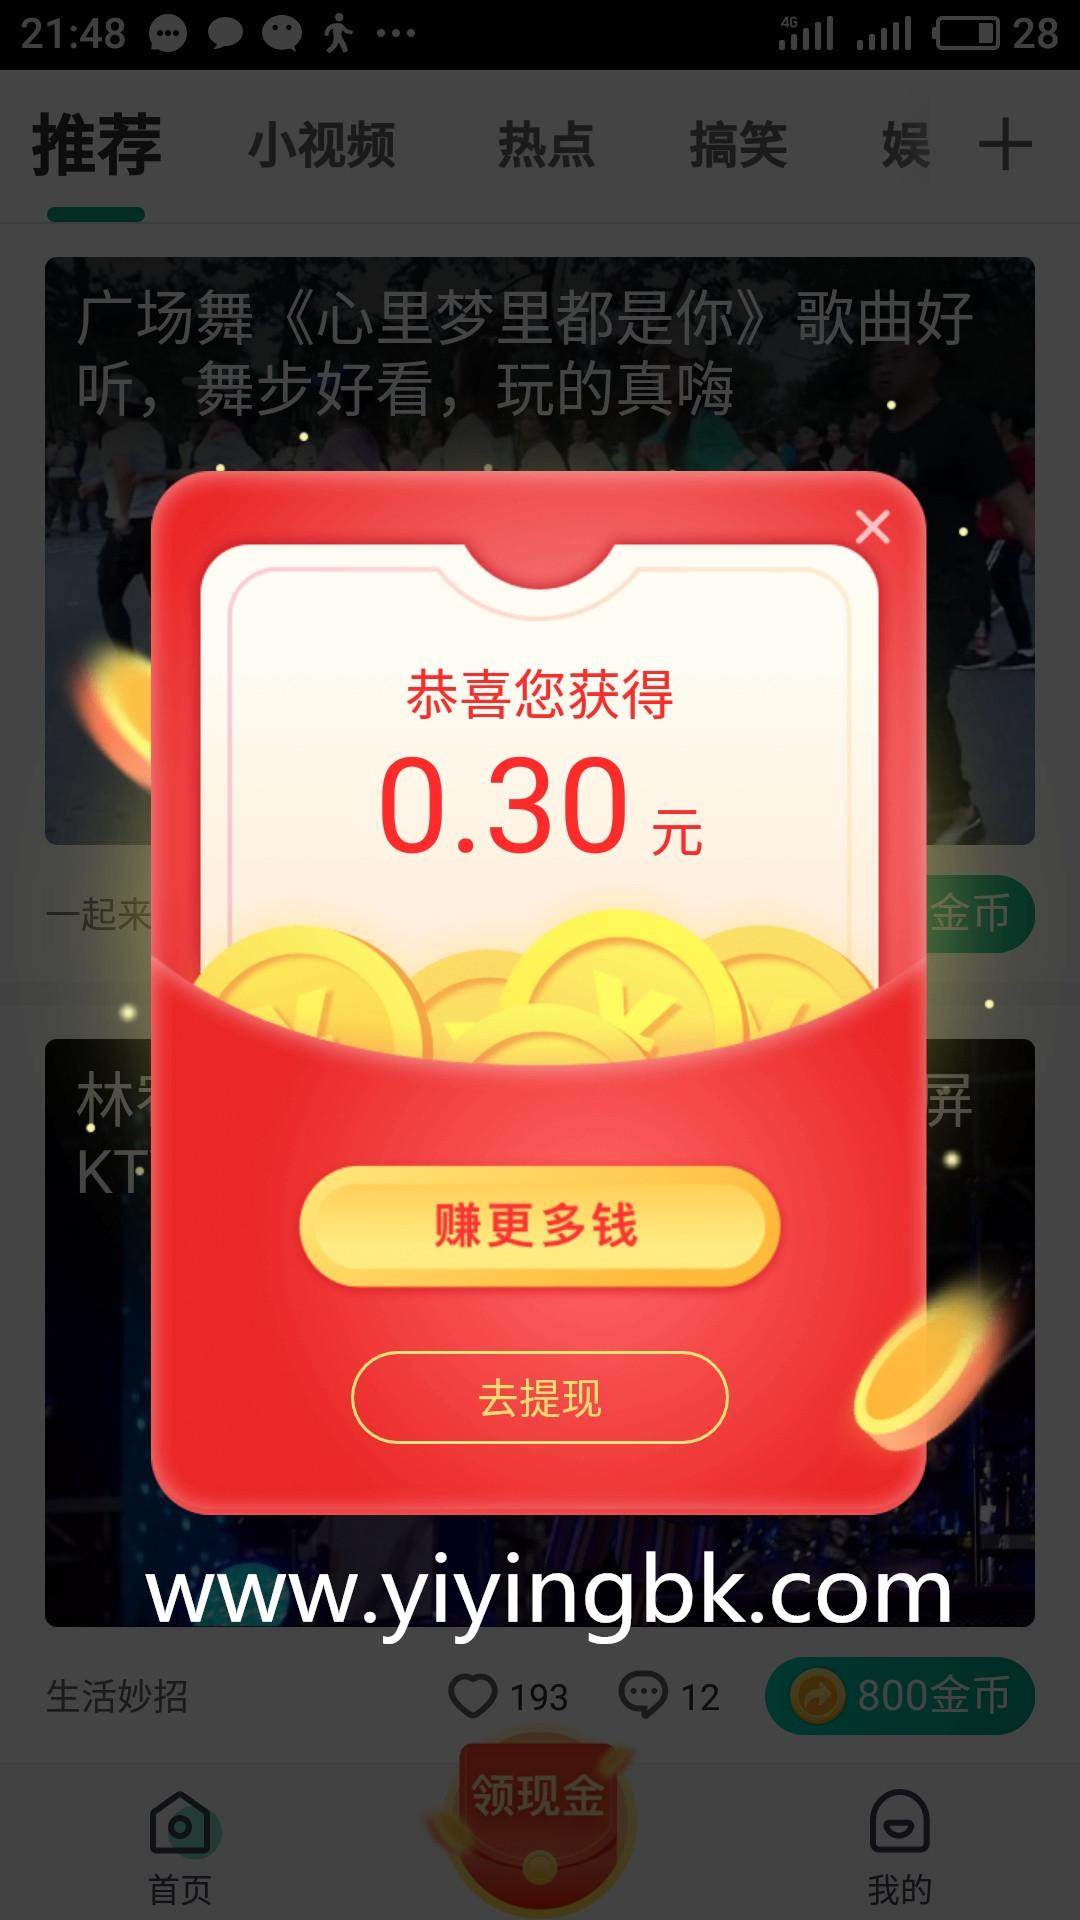 登录奖励0.3元直接提现微信或支付宝